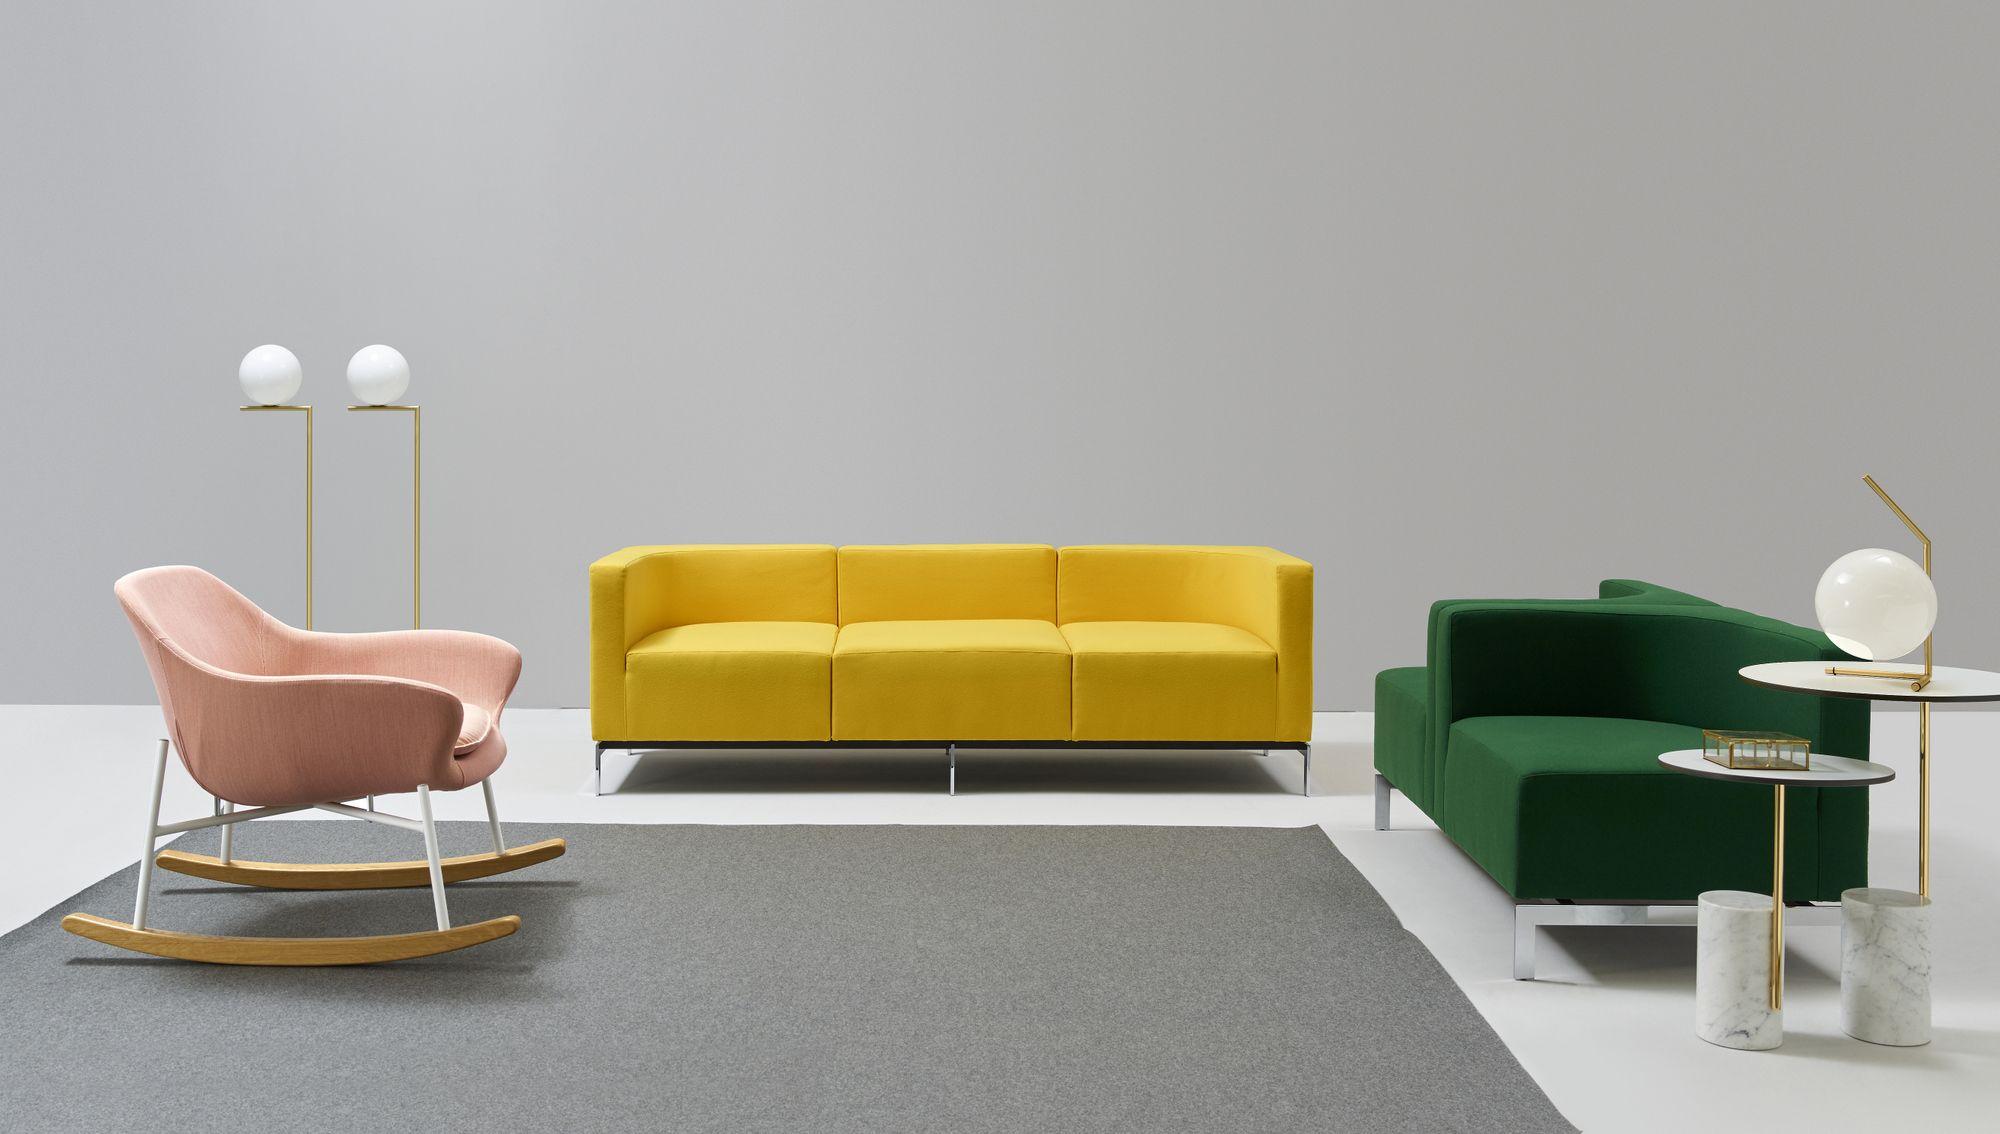 Divano Poltrona Scoop Imbottito Tessuto : Hub divano componibile collezione by quinti sedute